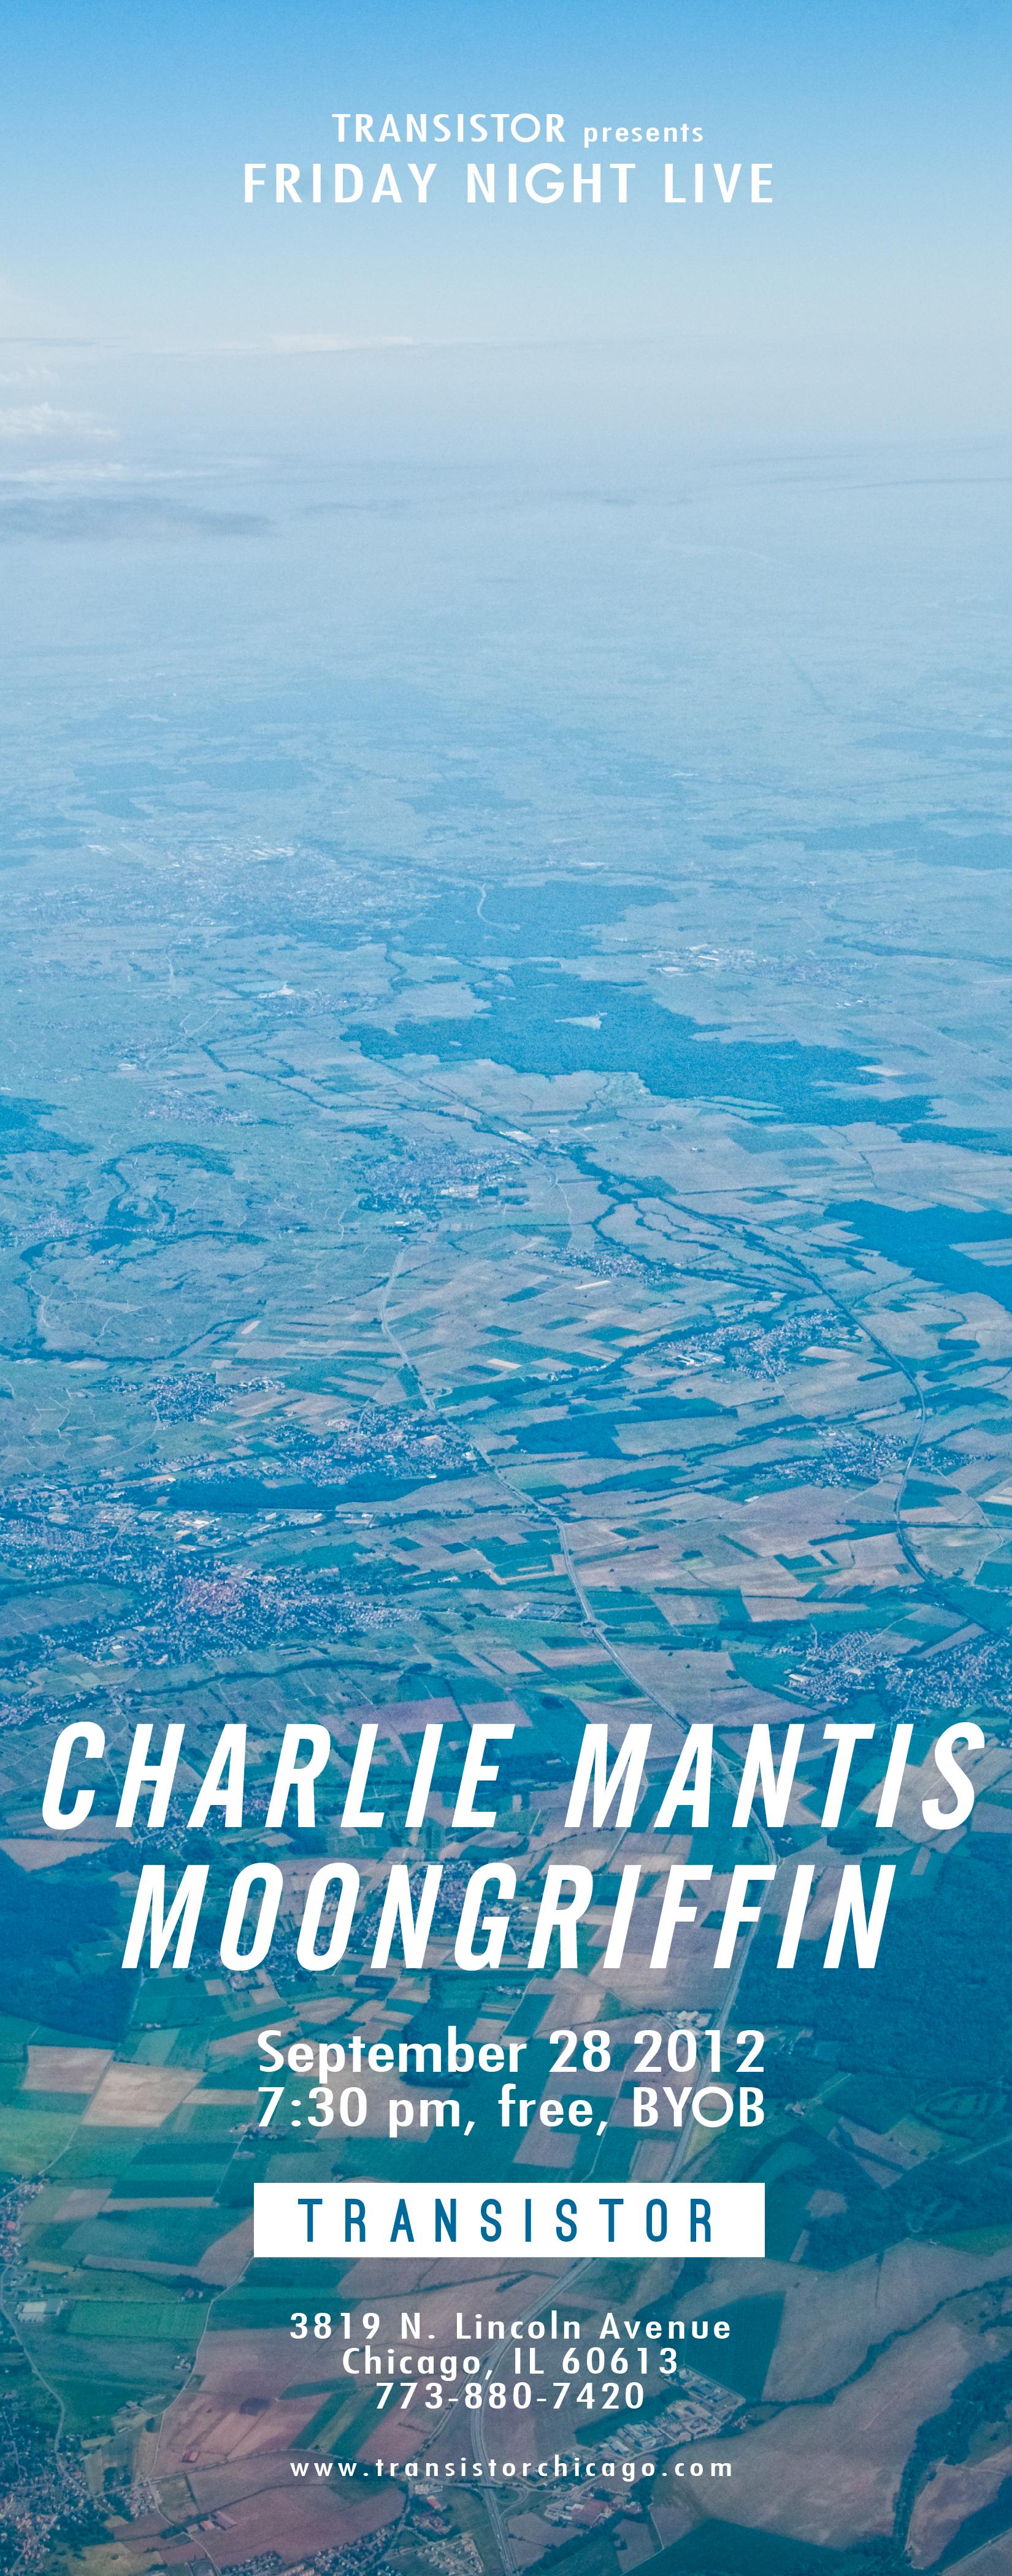 charliemantis_55_14-01.jpg